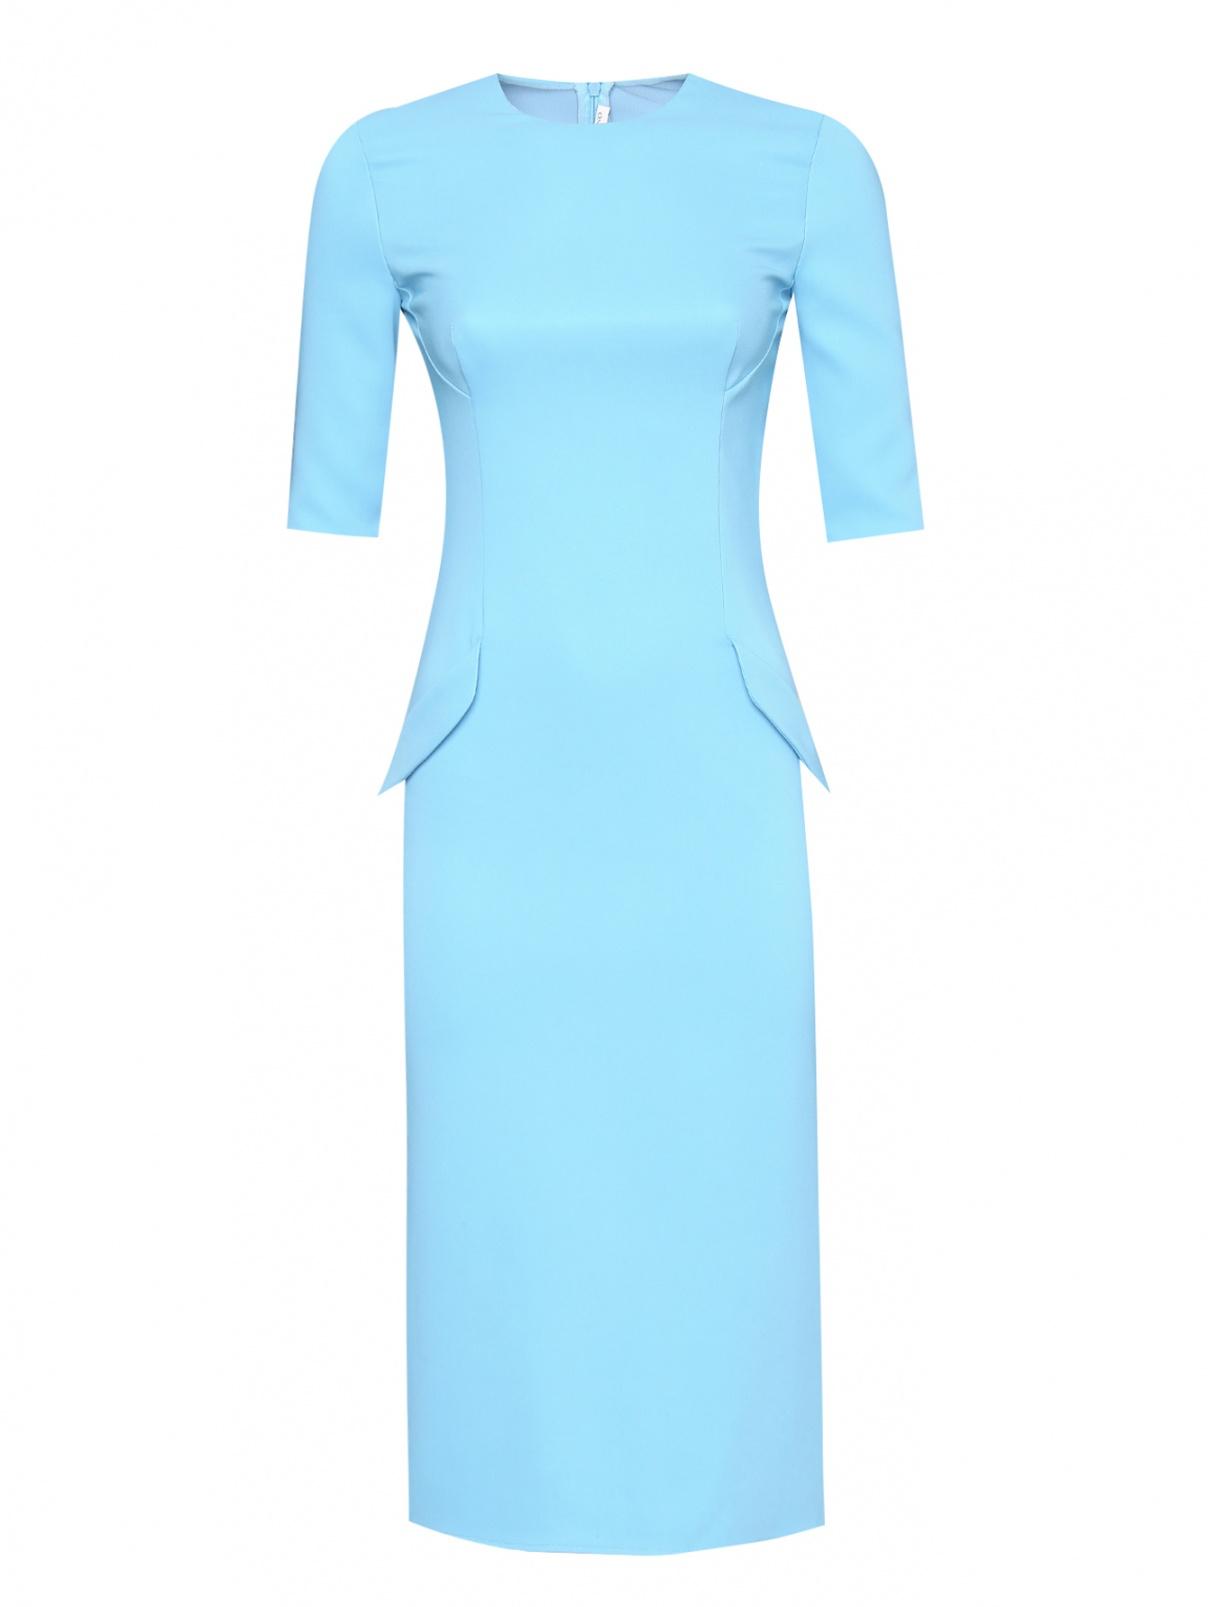 Платье-футляр с короткими рукавами Ermanno Scervino  –  Общий вид  – Цвет:  Синий